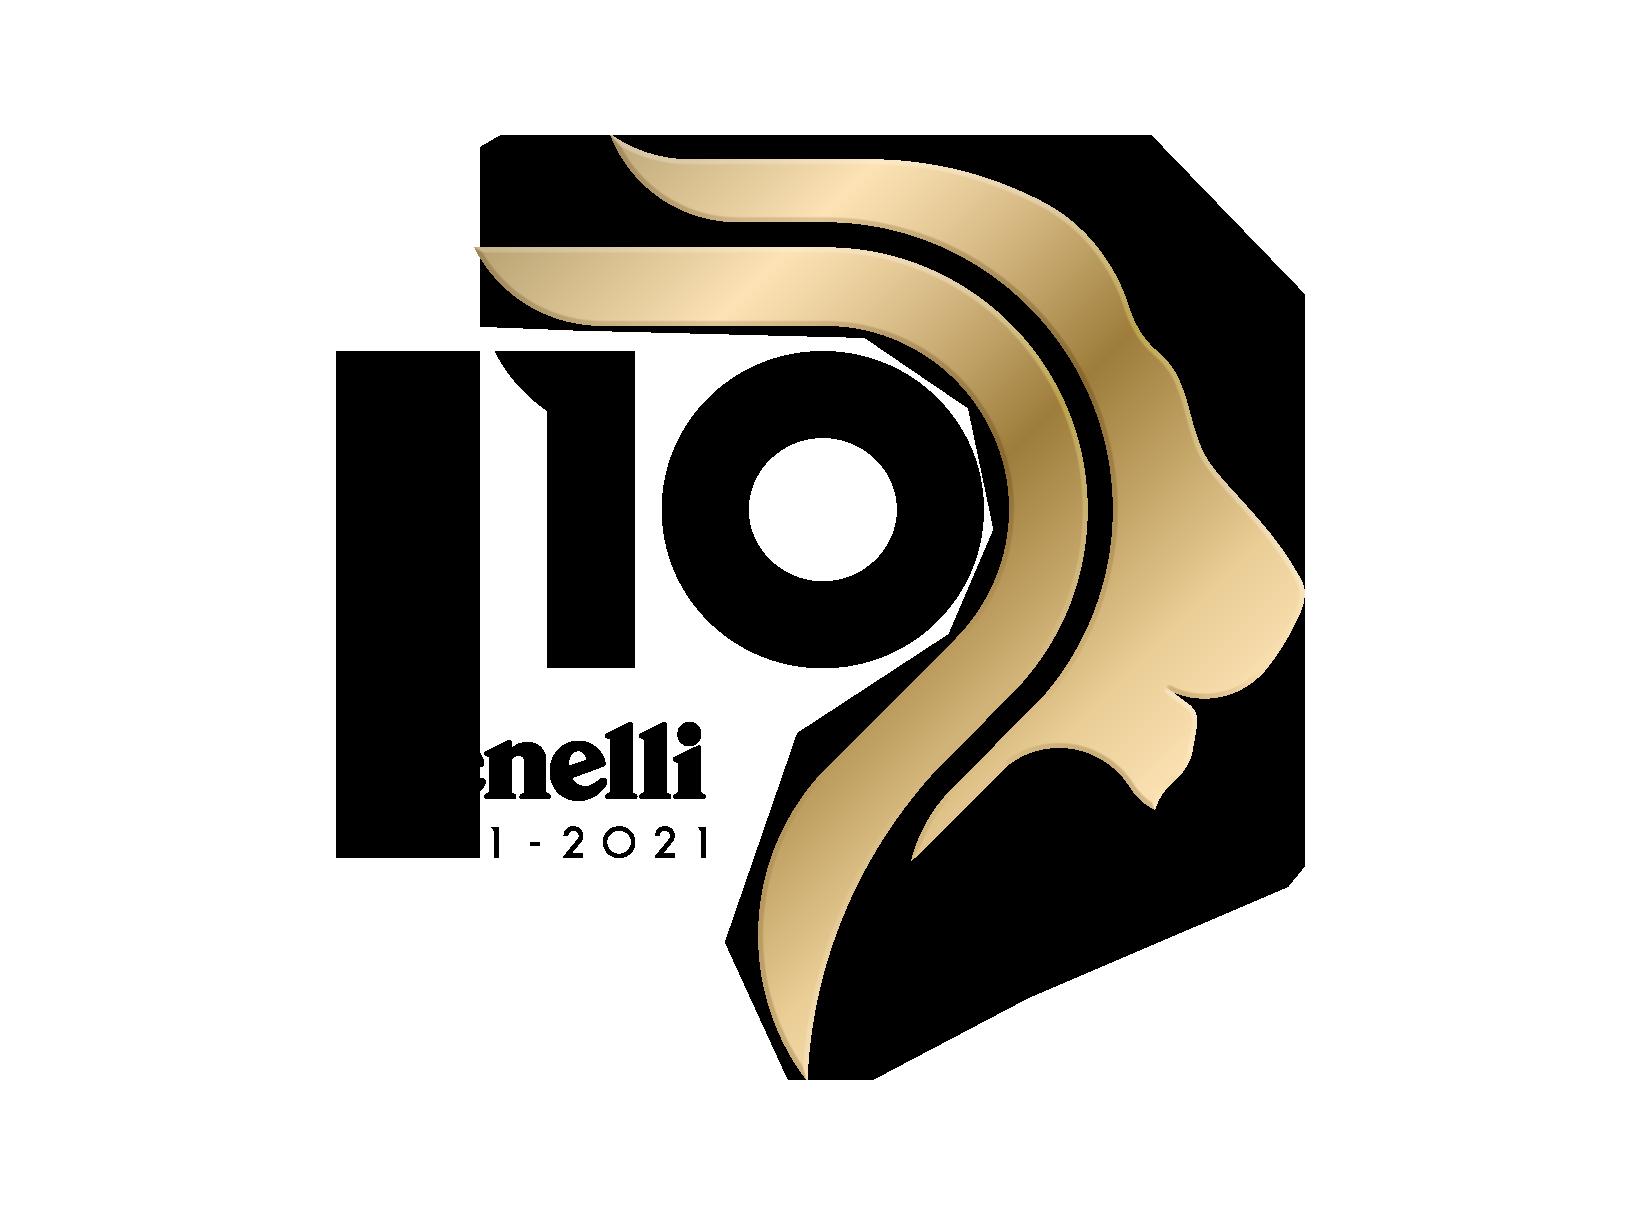 Benelli - logo na 110 urodziny